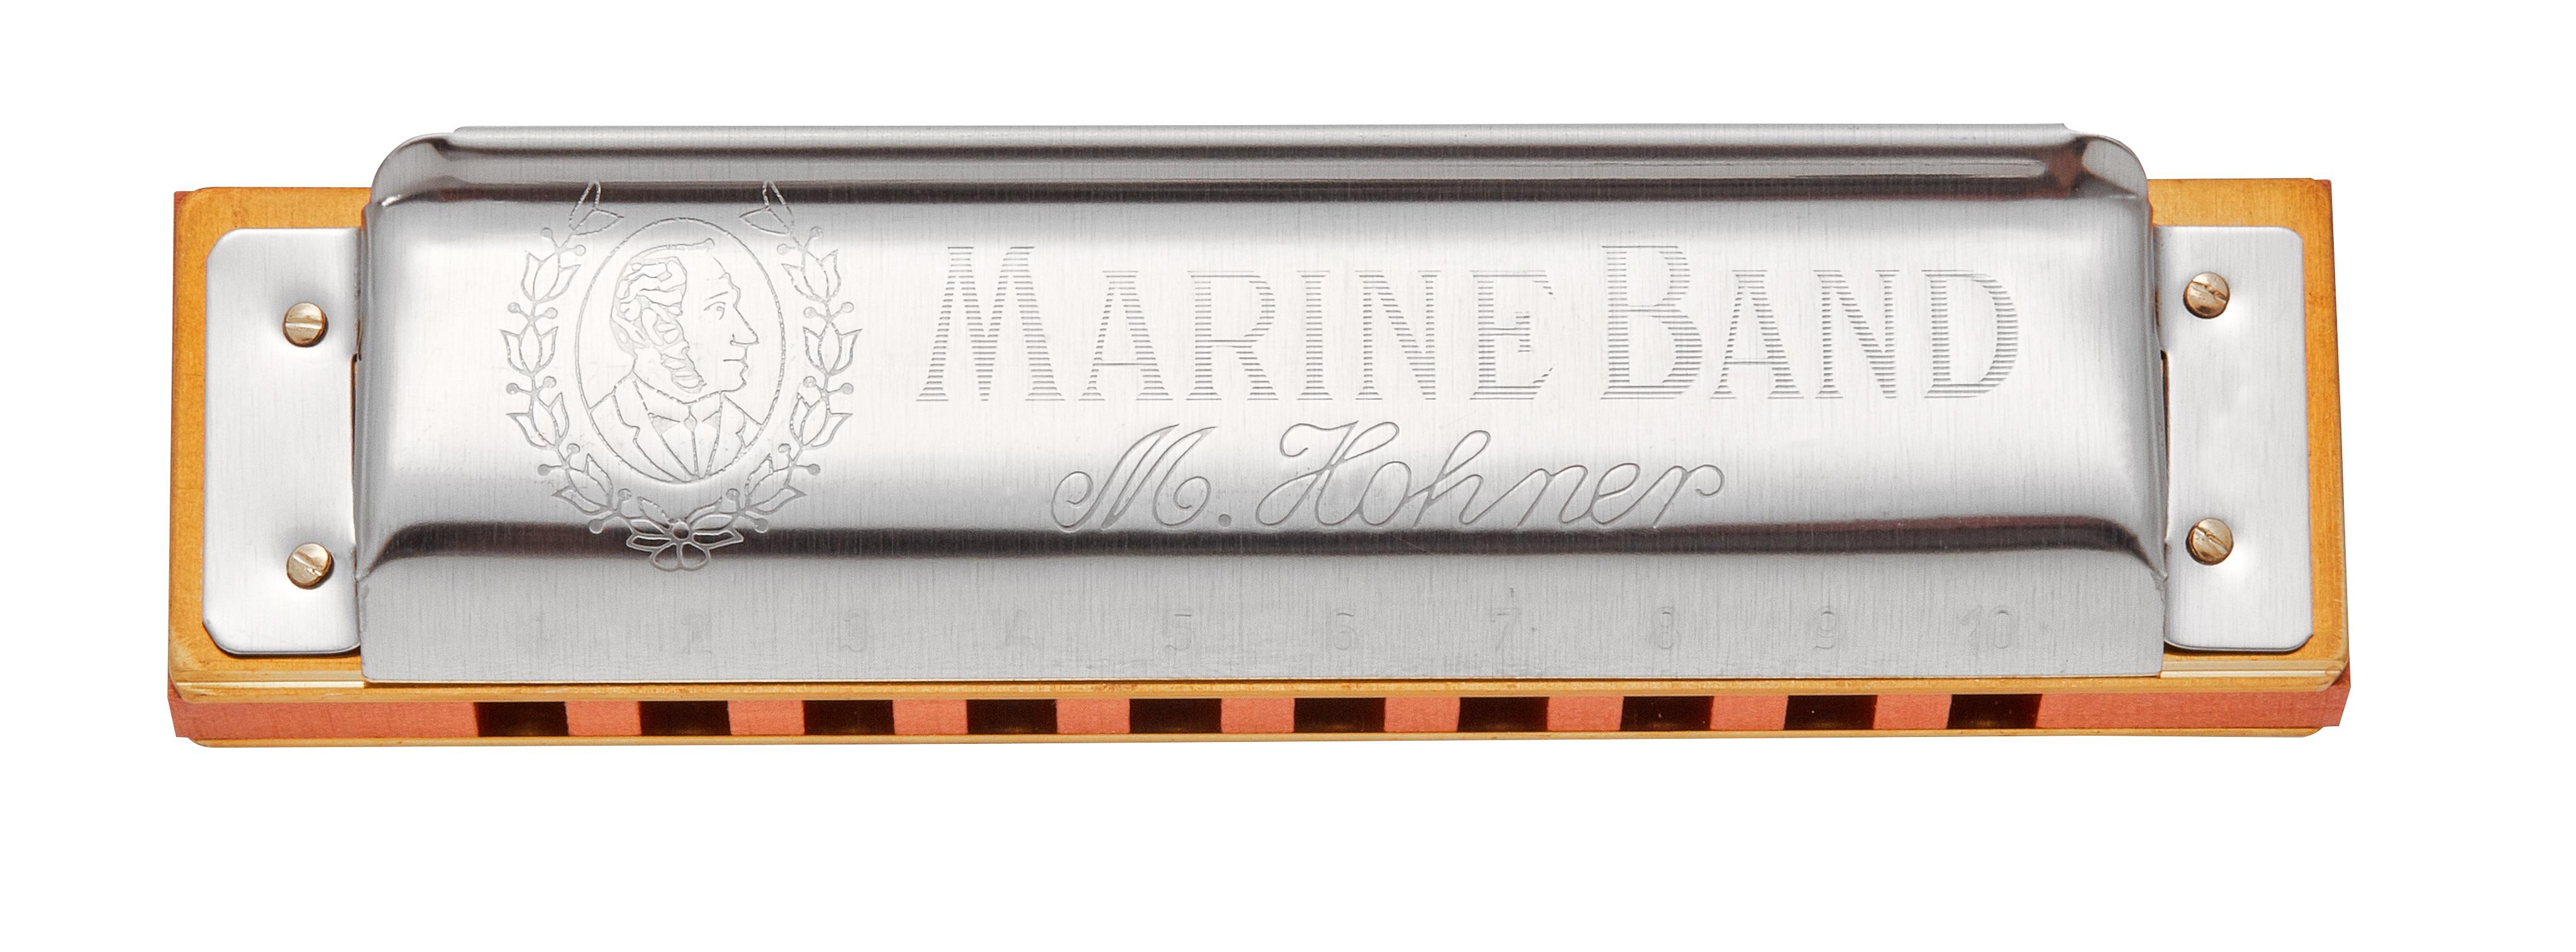 Hohner Marine Band 1896 F-harmonic minor